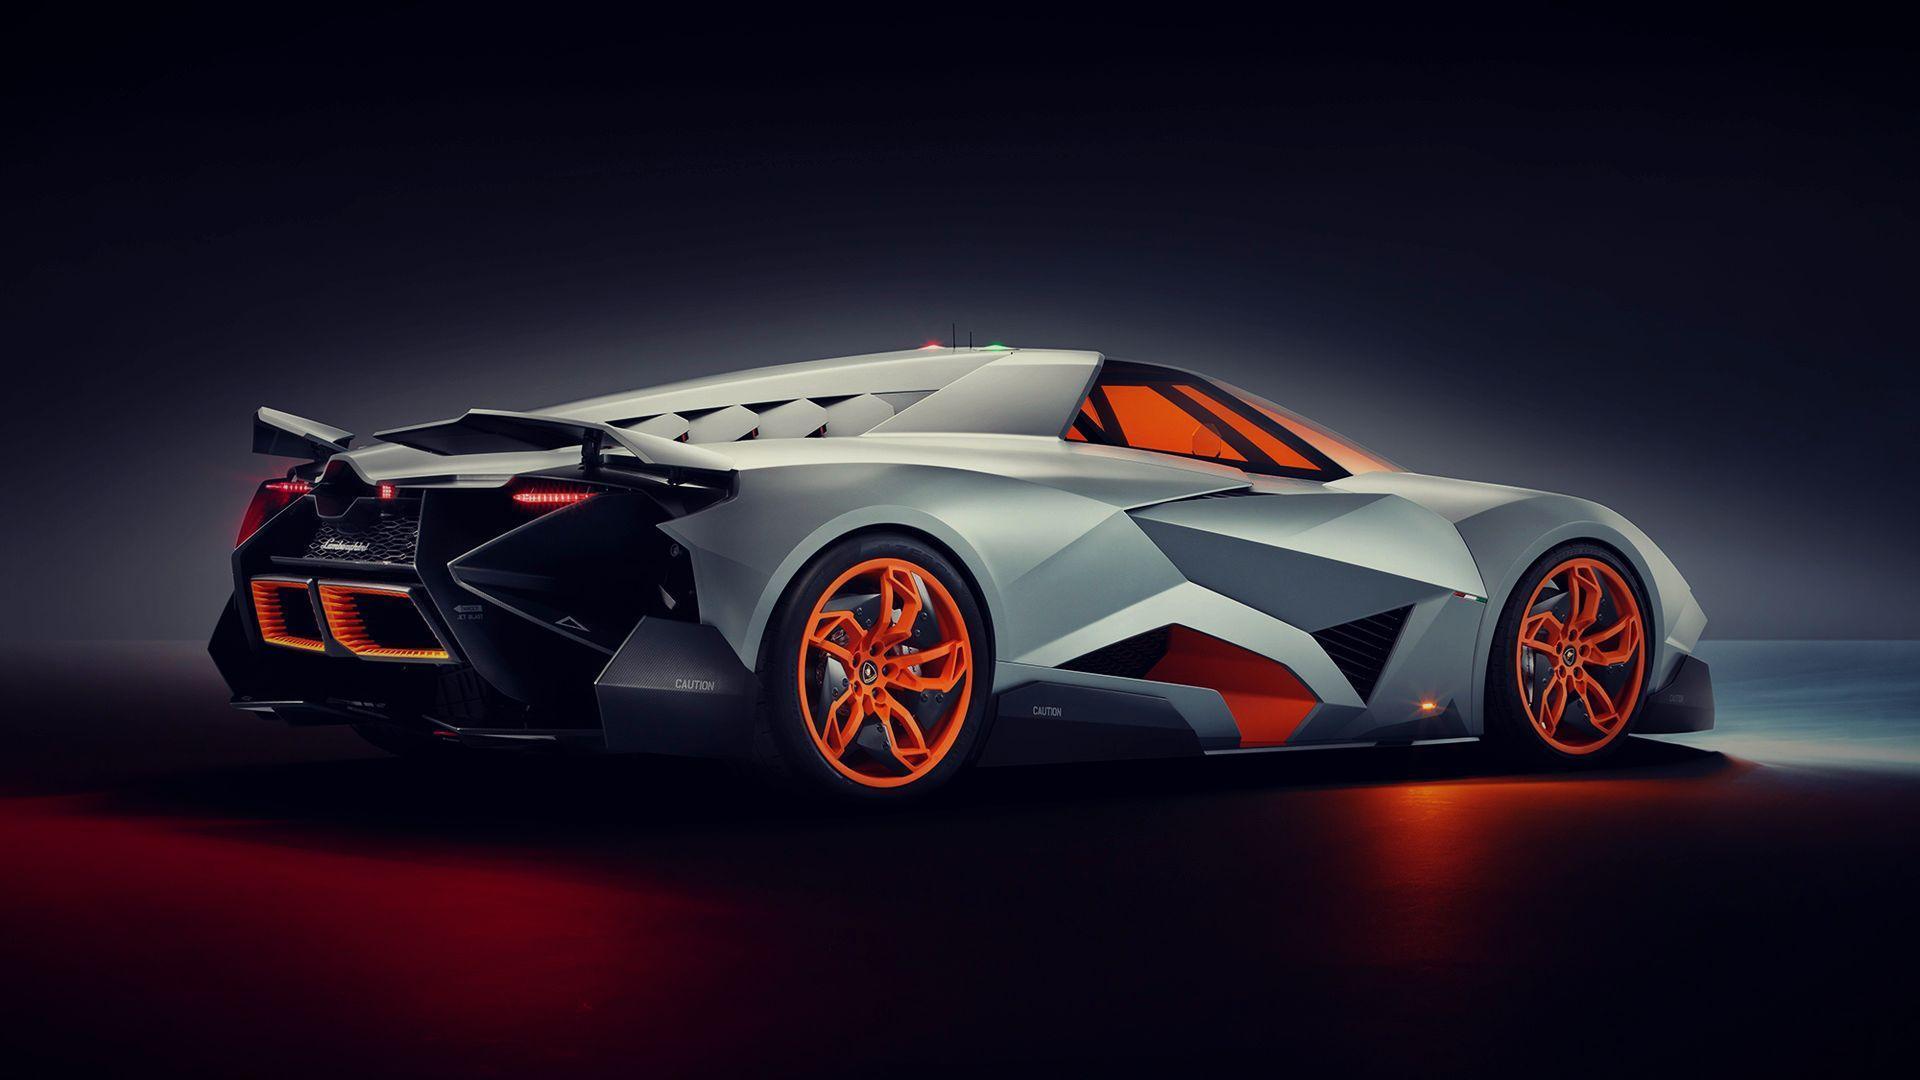 1920x1080px Cool Lamborghini Wallpapers Wallpapersafari